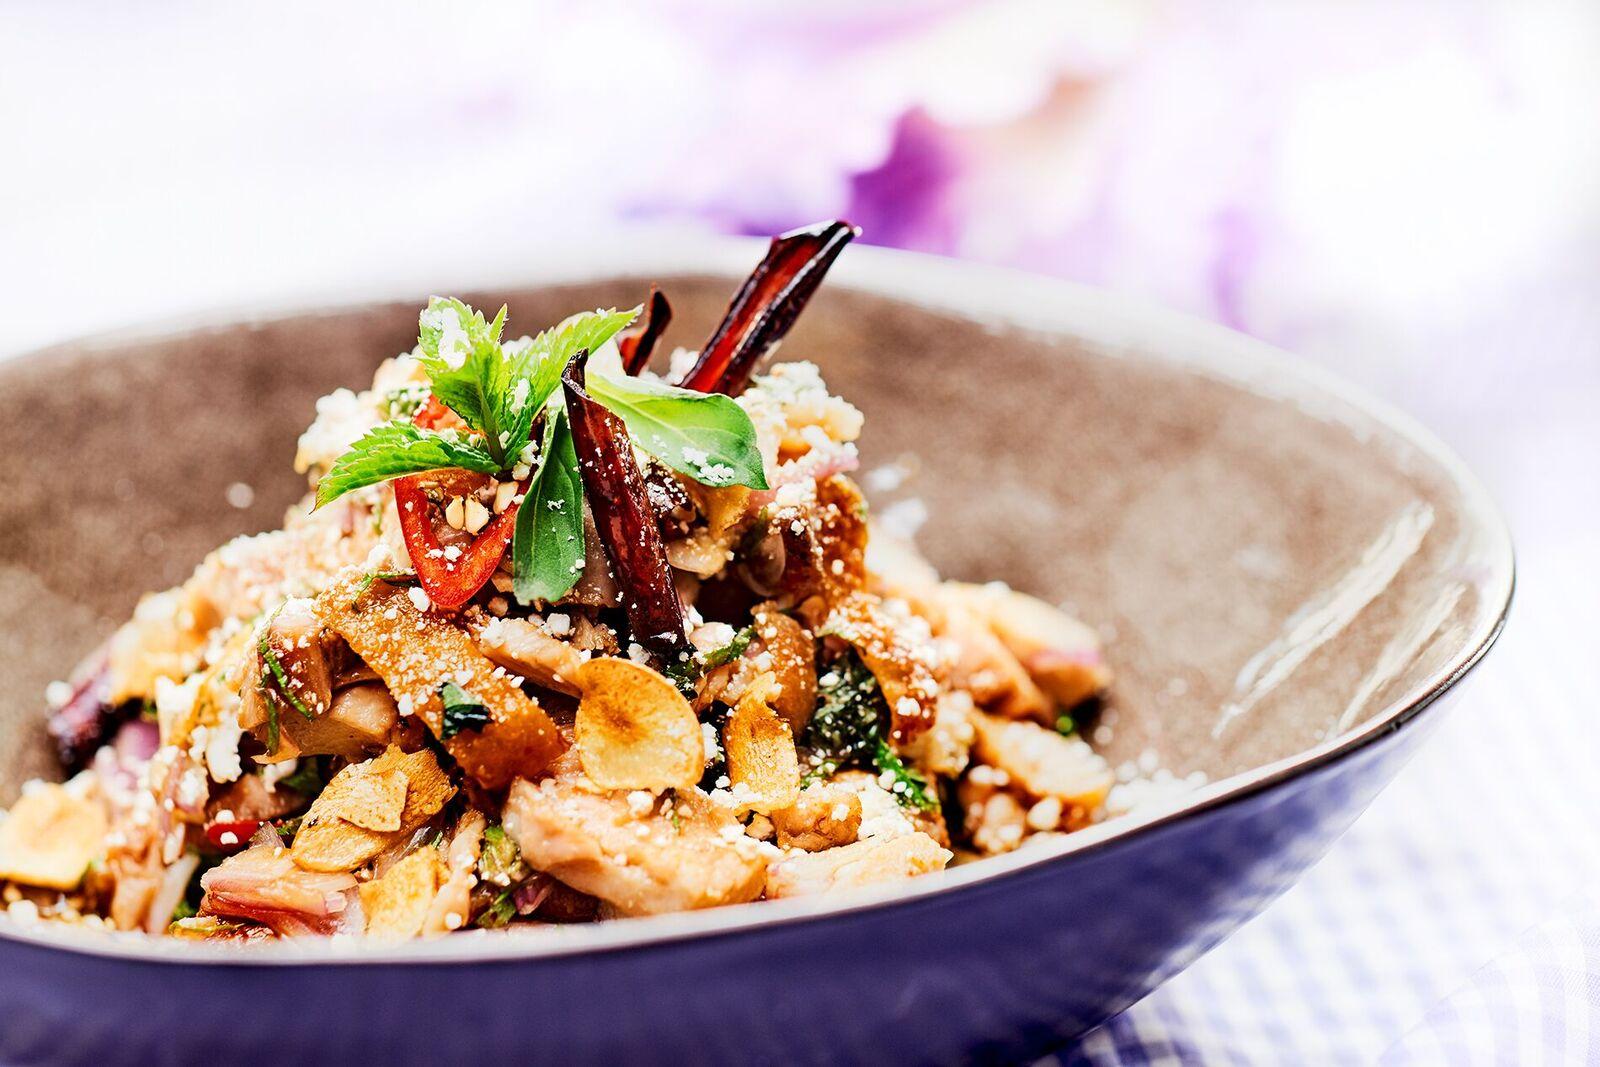 Thailändisch Kochkurs - Curry, Kokos und Co